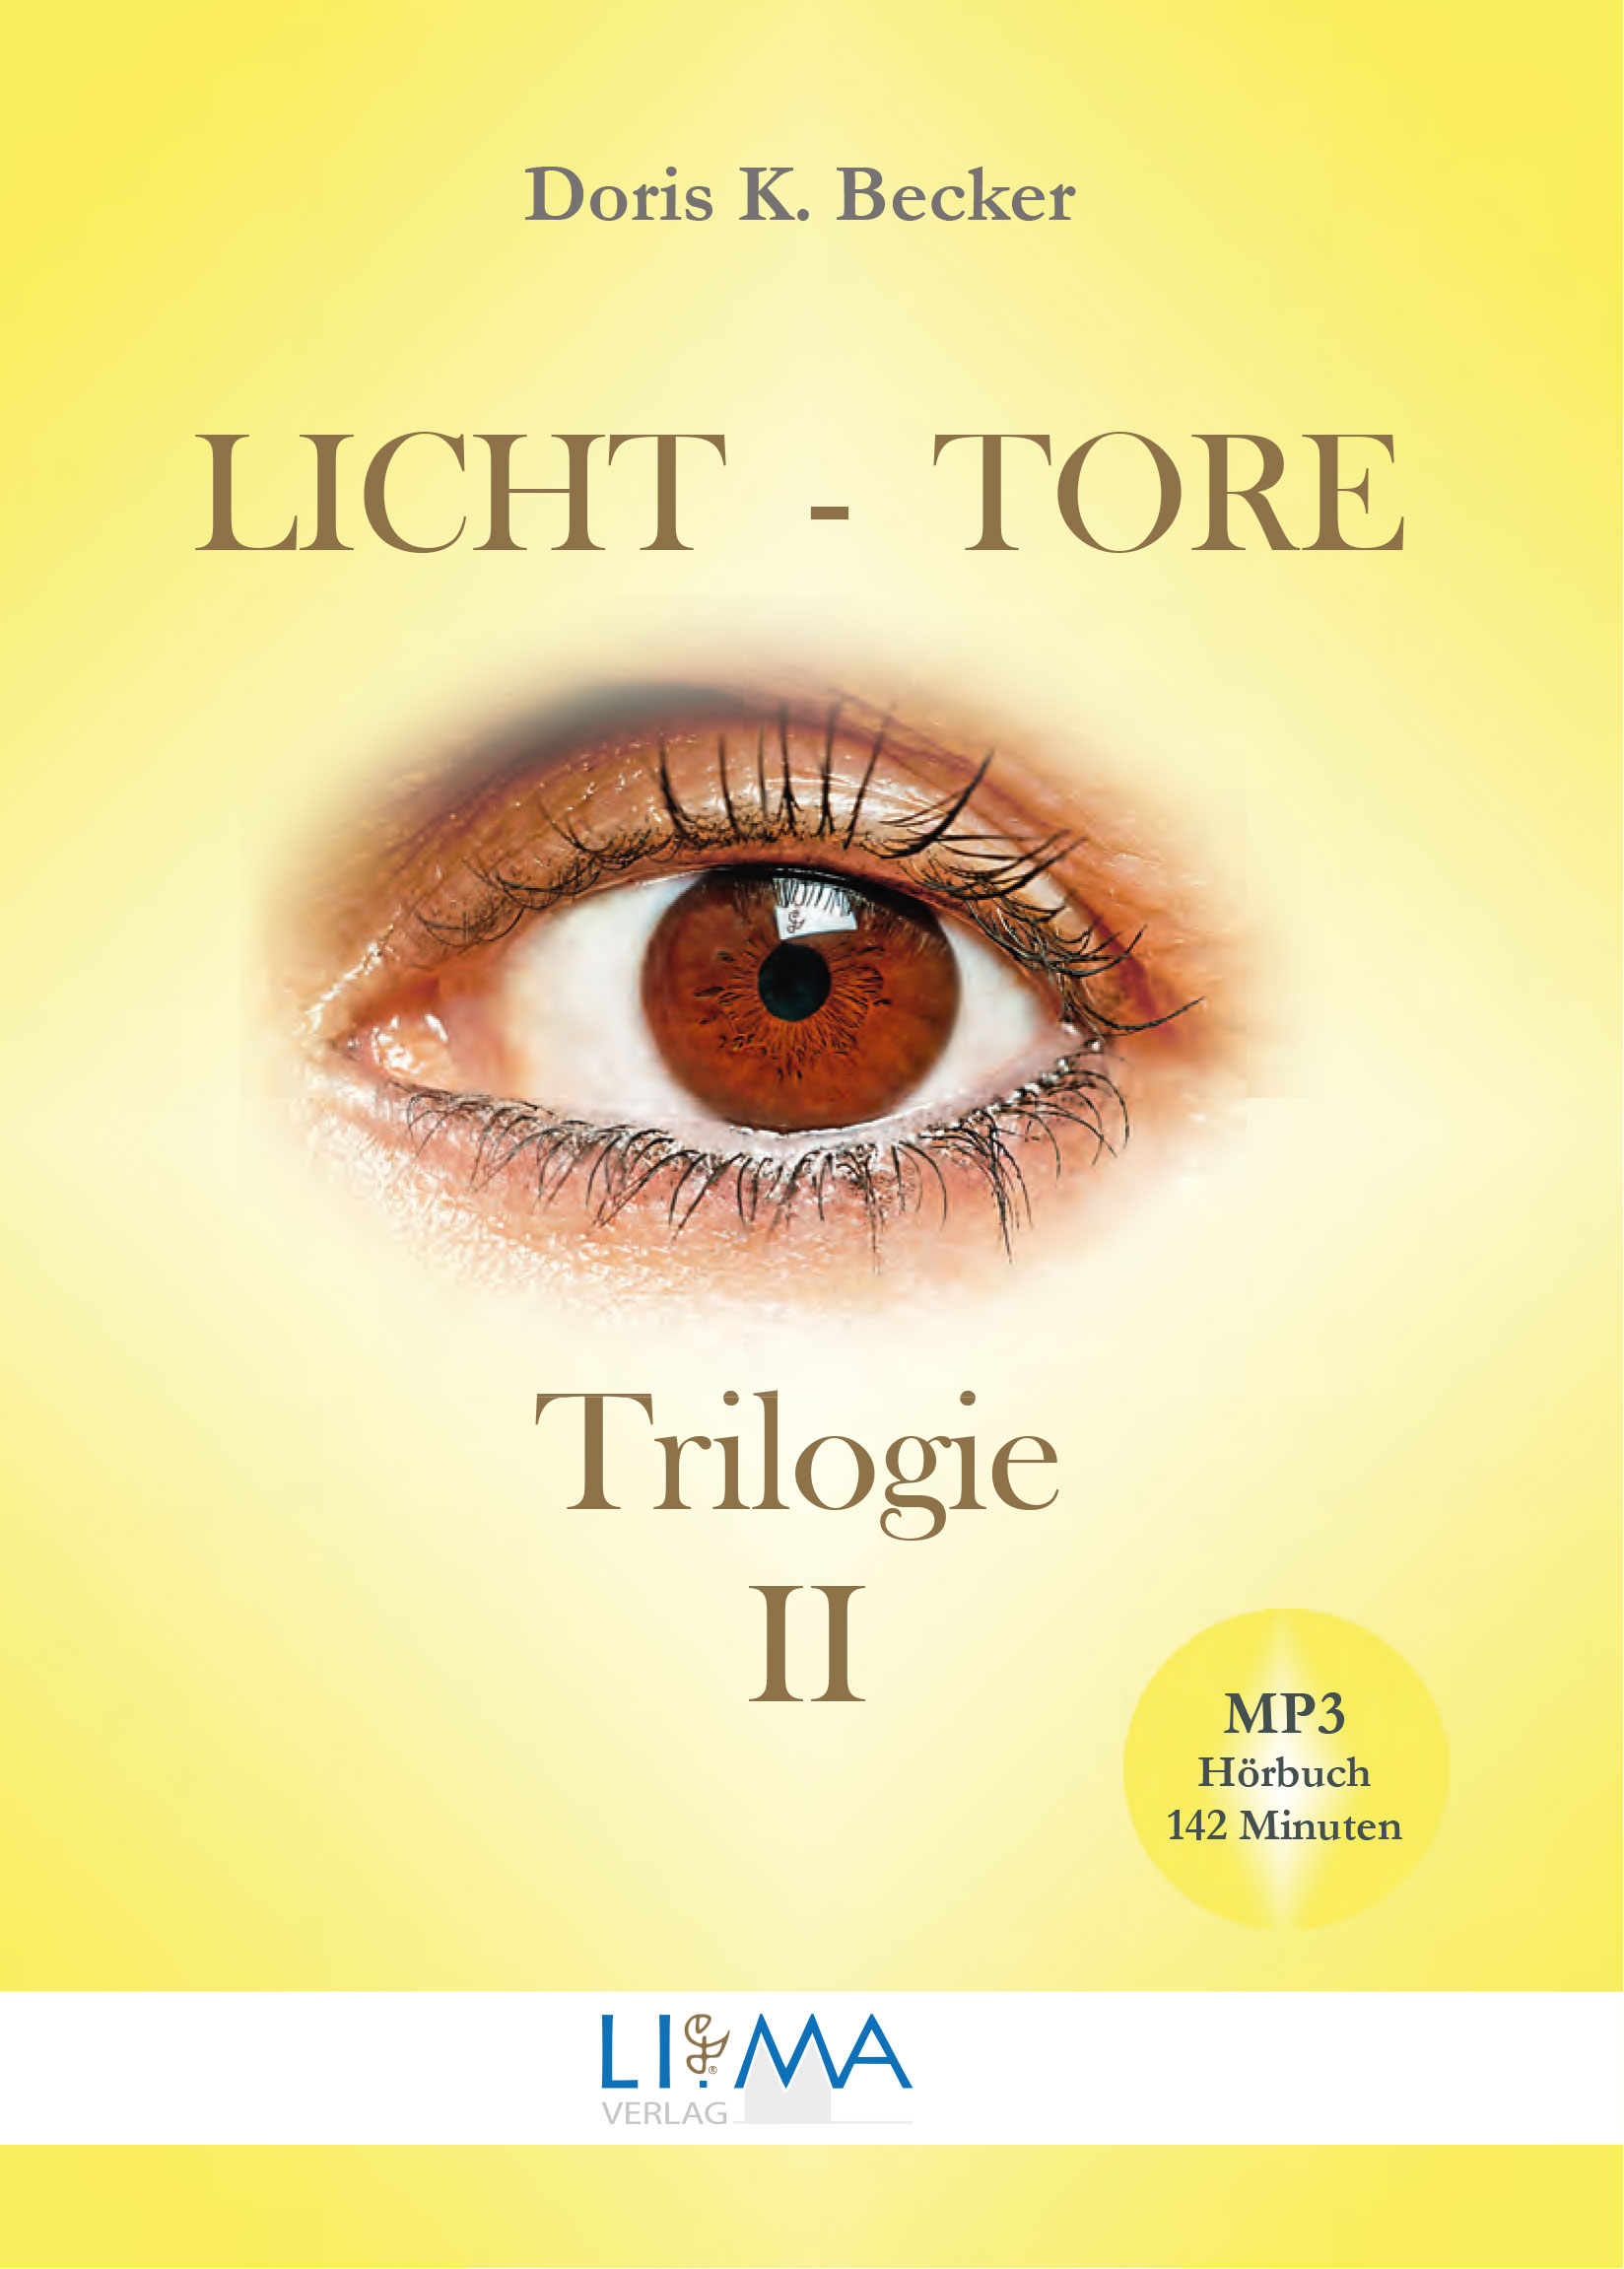 Licht-Tore Trilogie II von Doris K. Becker